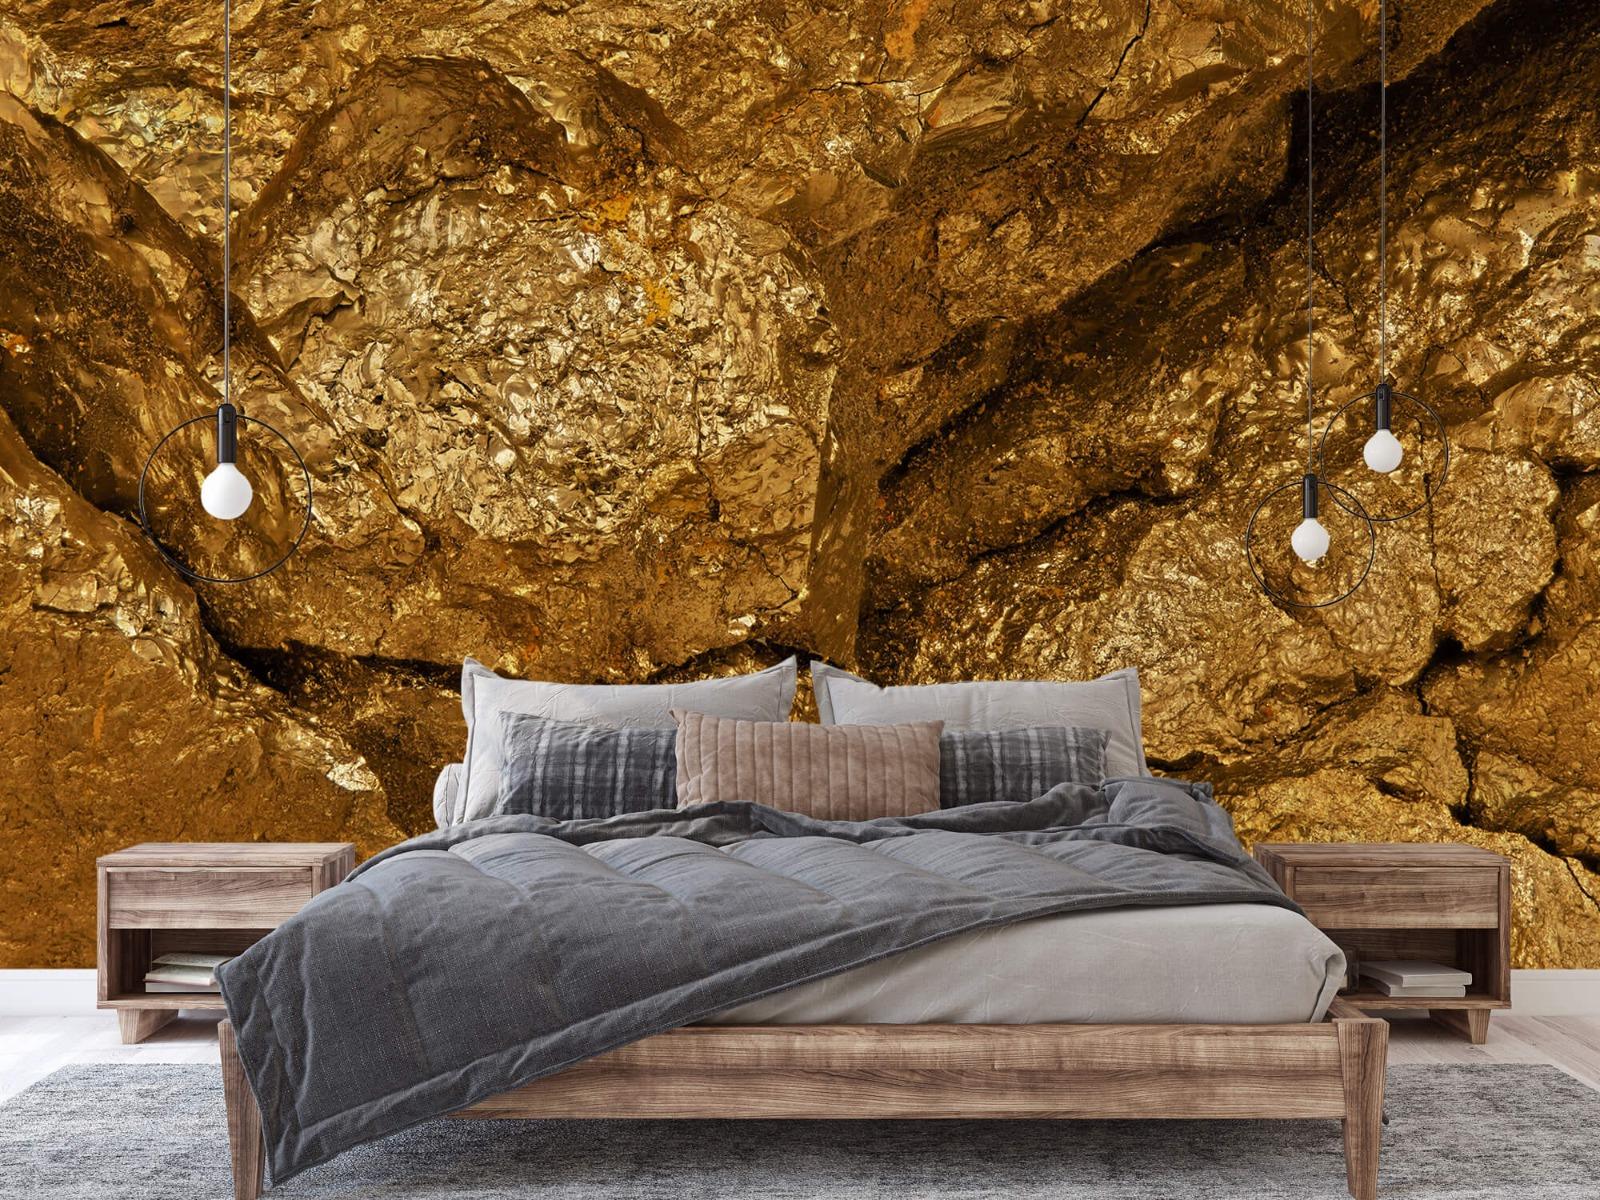 Steen behang - Gouden steen, close-up - Slaapkamer 2